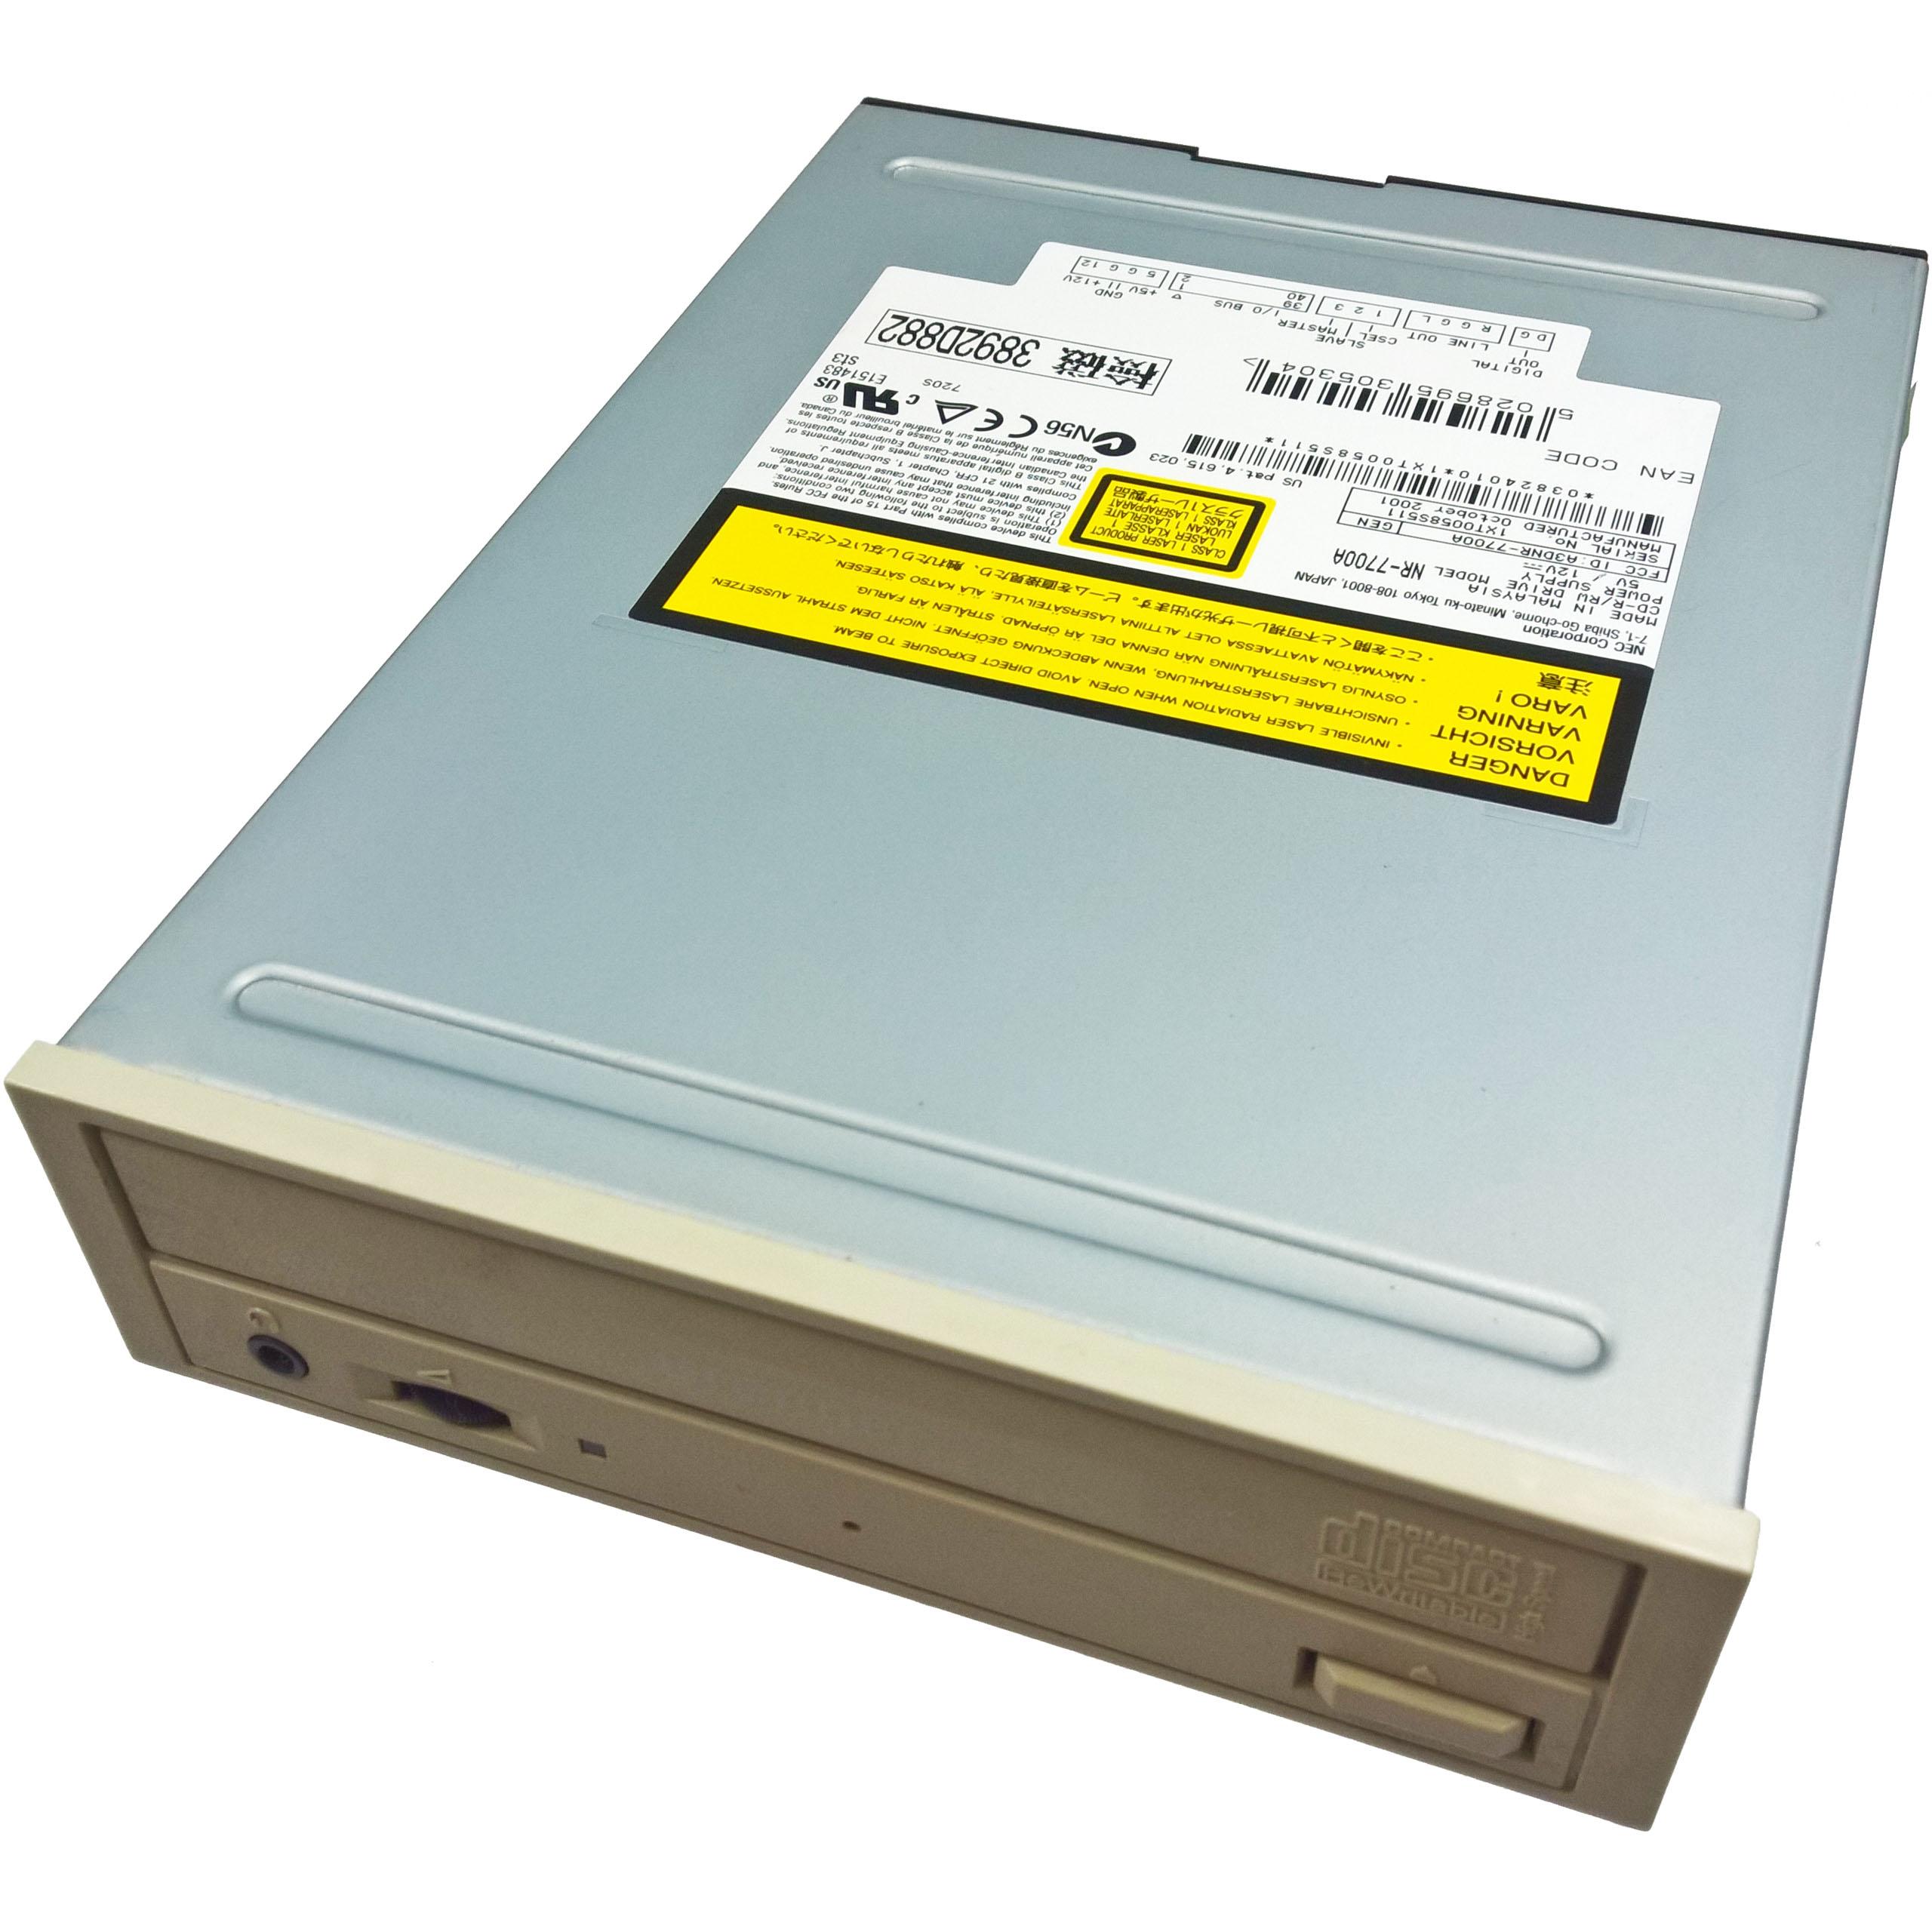 NEC NR-7700A WINDOWS 7 X64 TREIBER